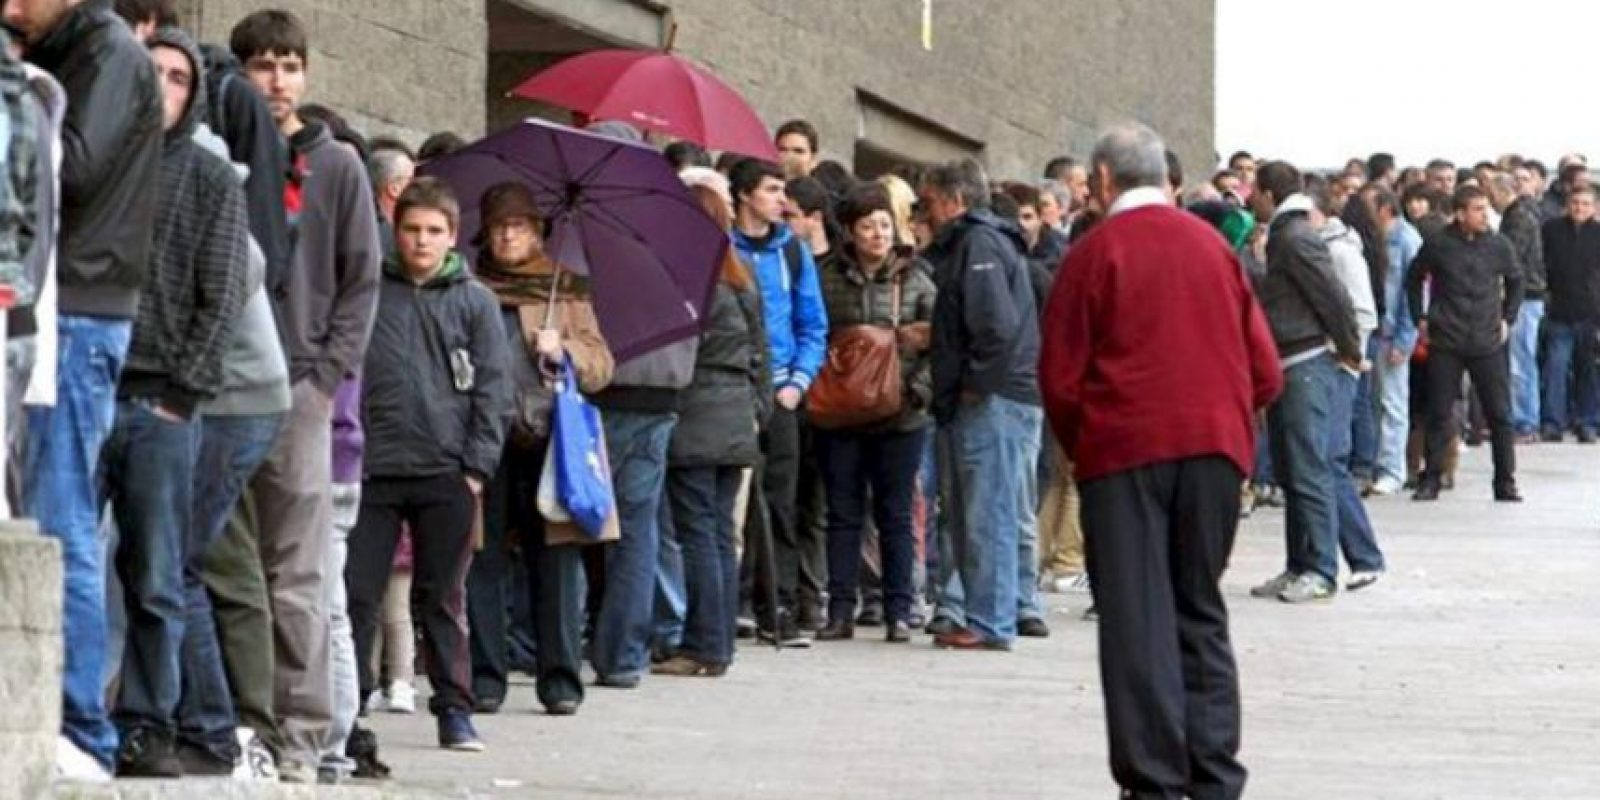 Aficionados del Athletic de Bilbao hacen cola hoy, 3 de abril de 2012, para comprar entradas para presenciar el próximo jueves el partido que el equipo bilbaíno jugará ante el Schalke 04 alemán correspondiente a la vuelta de los cuartos de final de la Liga Europa. EFE